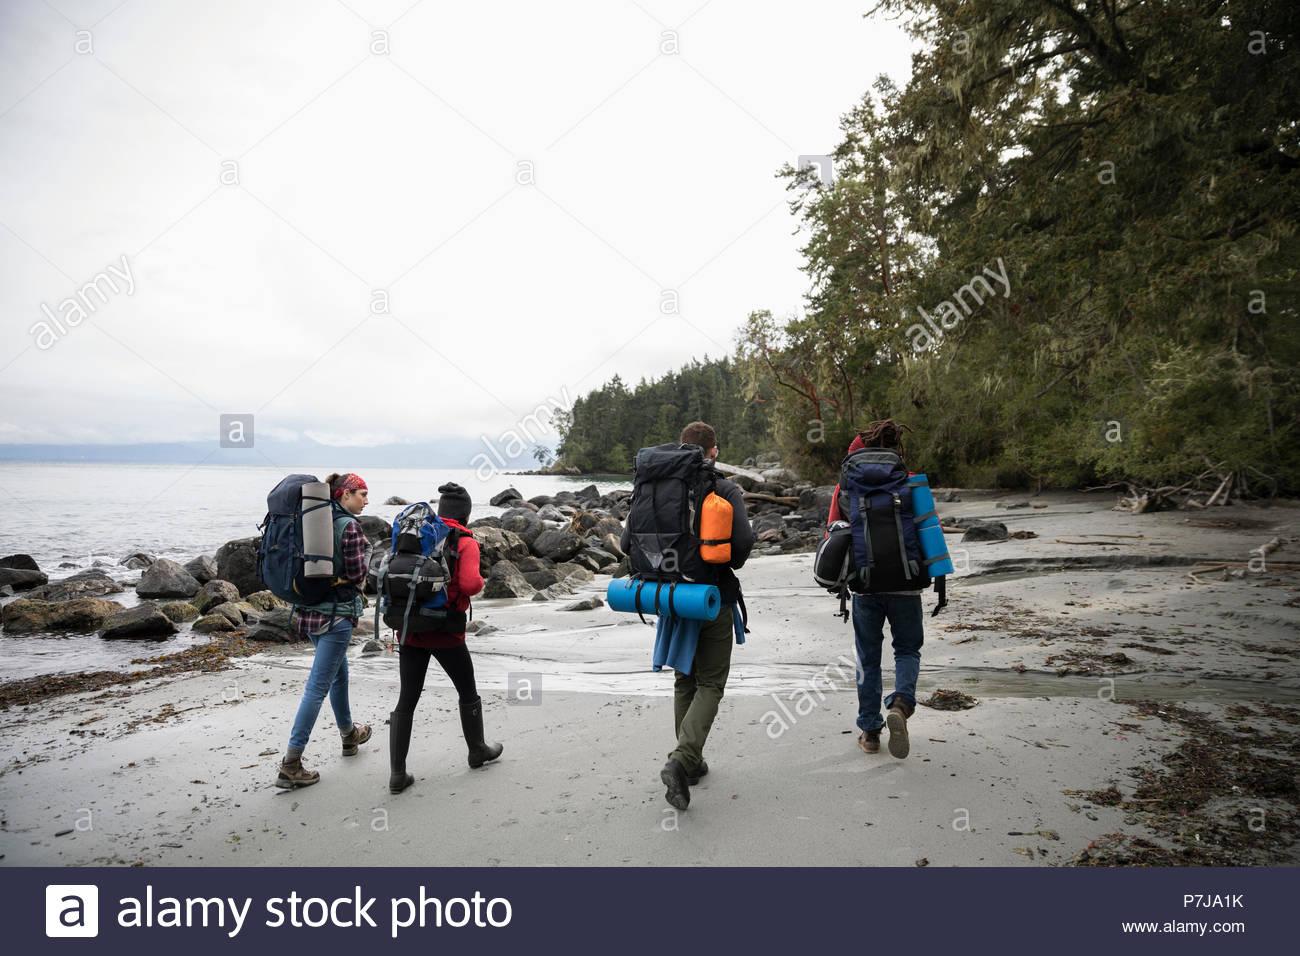 Amici backpacking sulla spiaggia robusto Immagini Stock